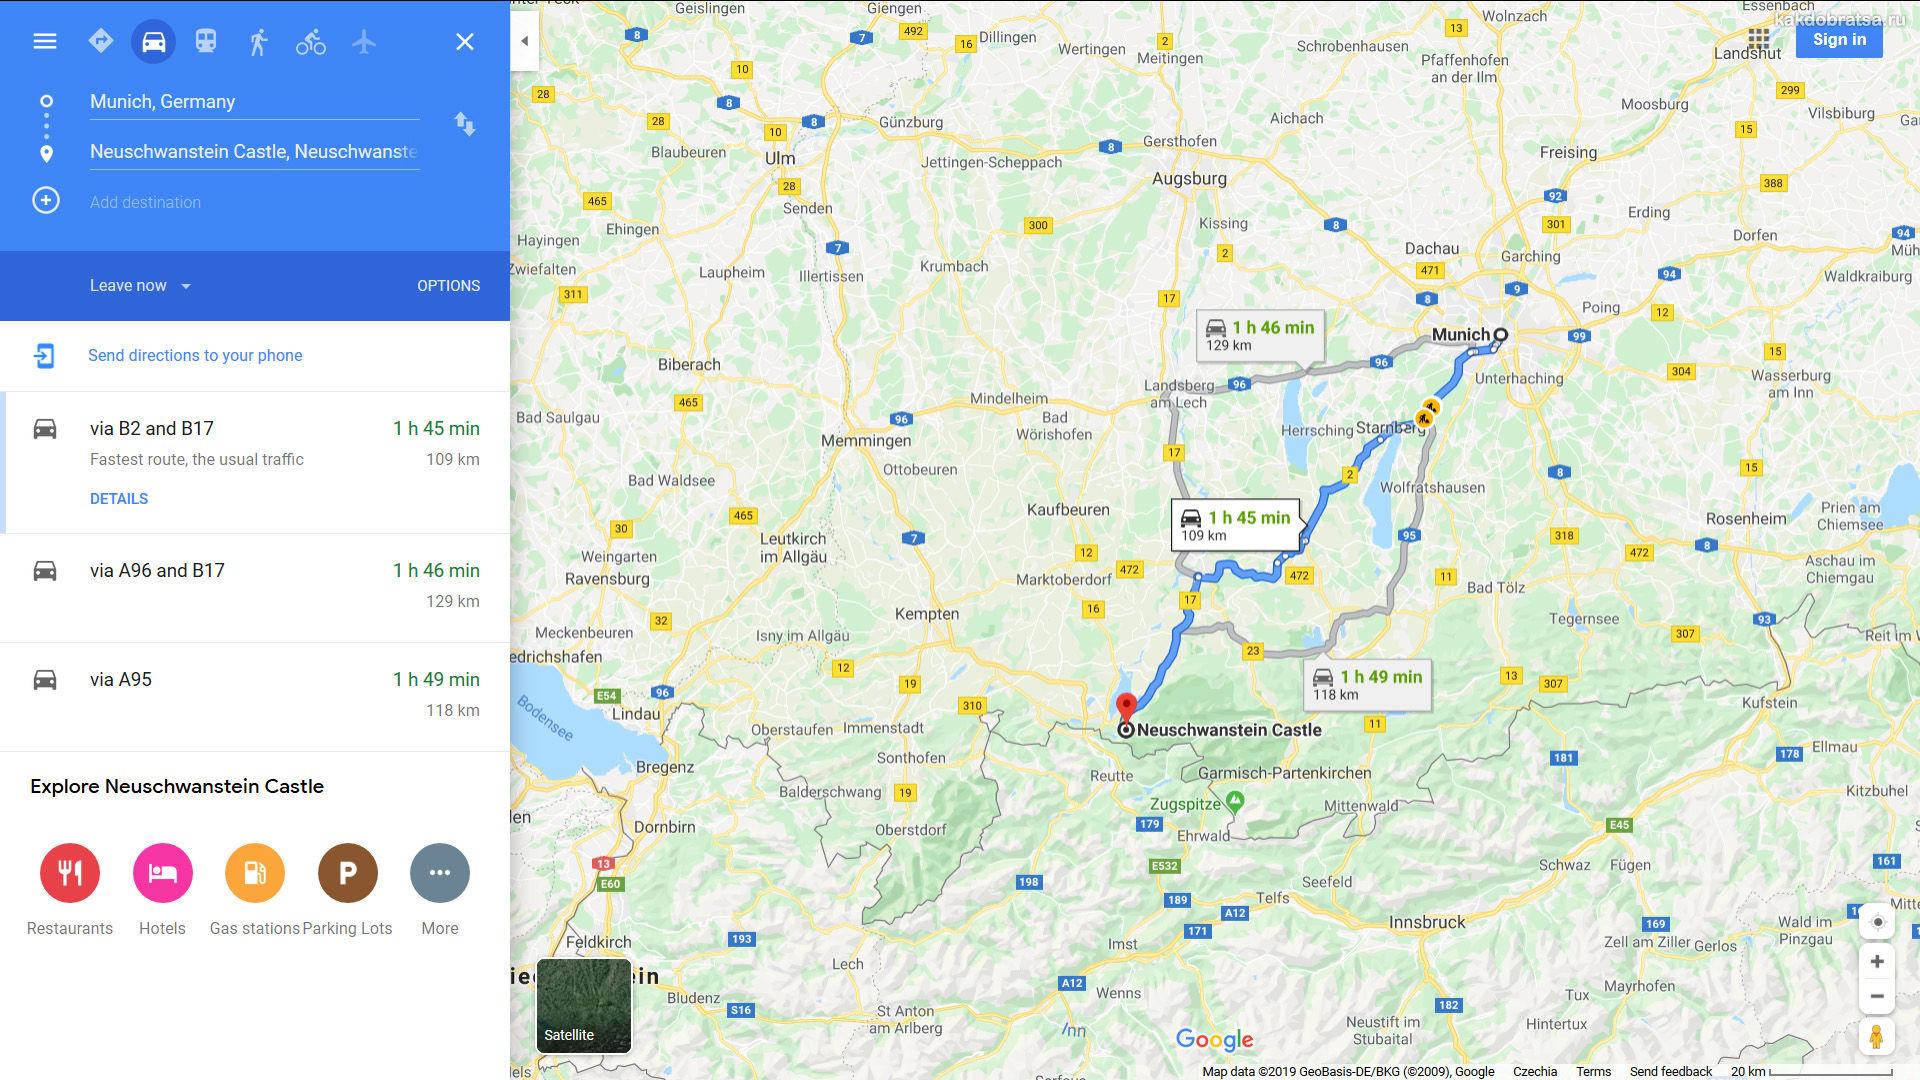 Маршрут из Мюнхена до замка Нойшванштайн